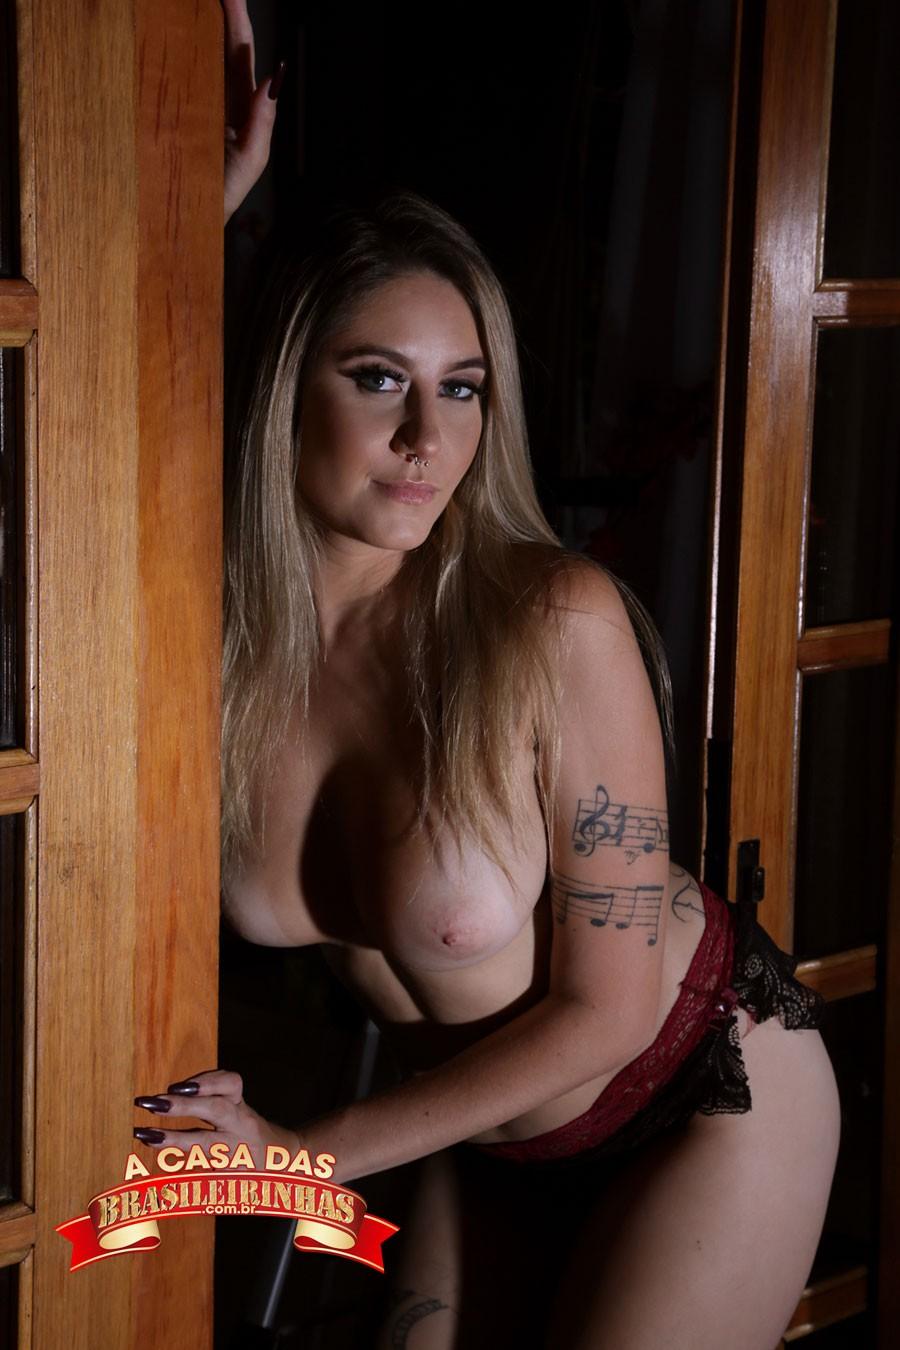 atriz-pornô-novata-Paola-Bitencourt.jpg